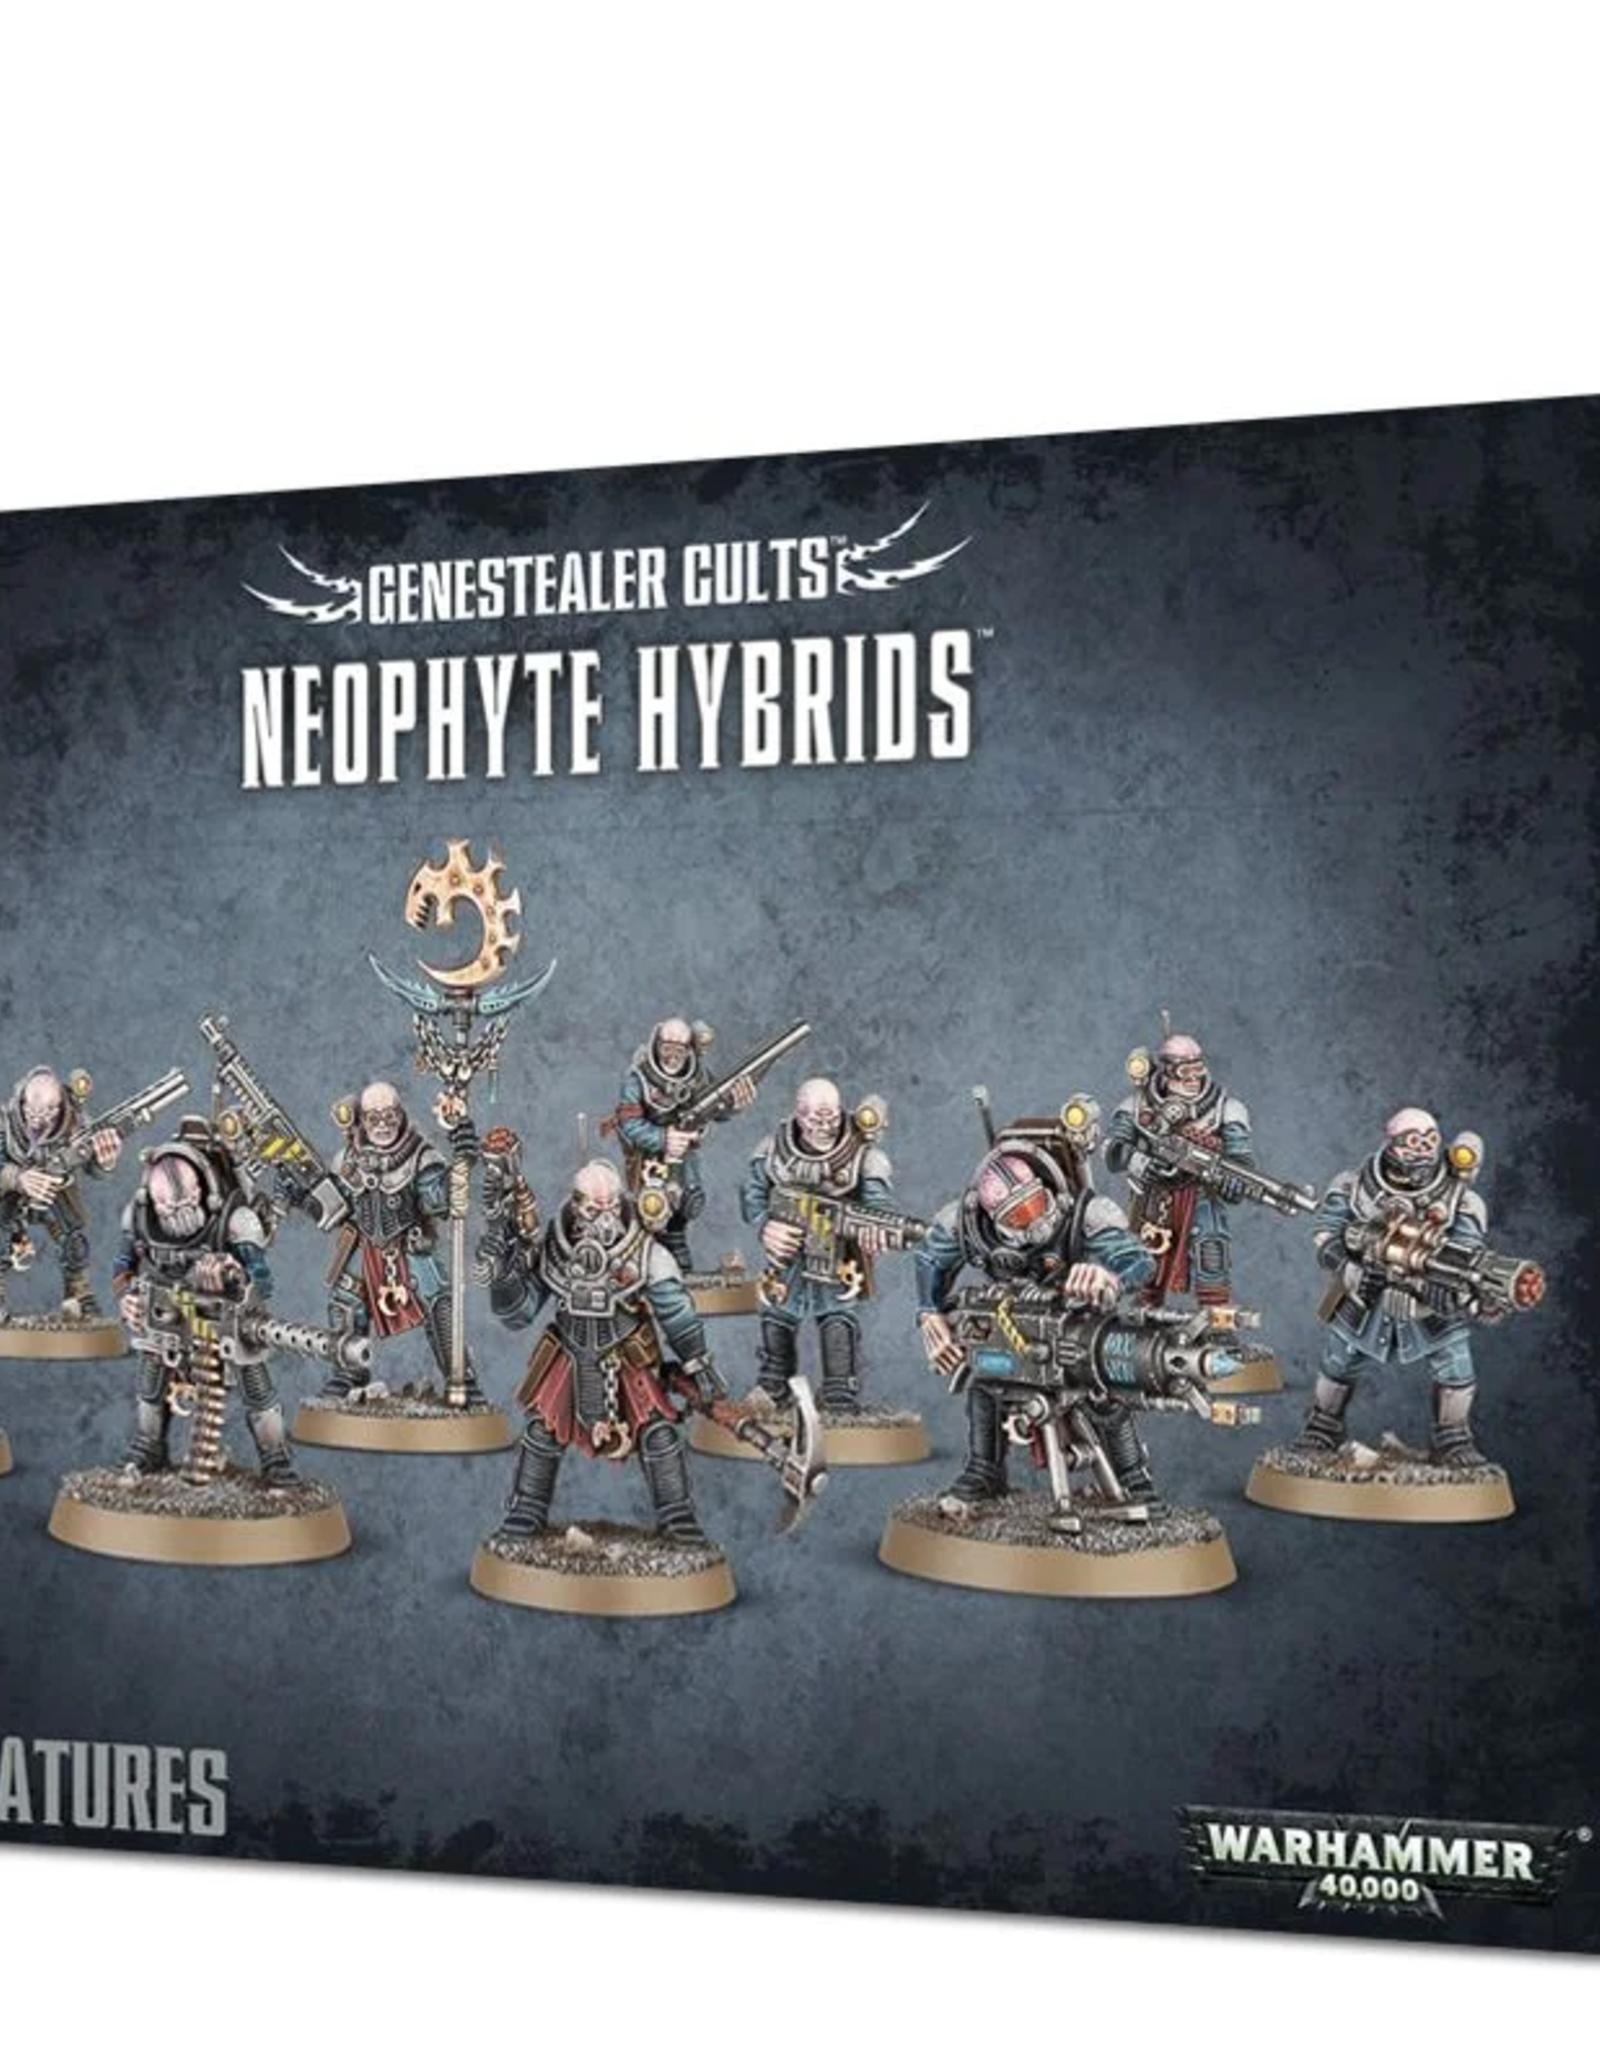 Games Workshop Genestealer Cult: Neophyte Hybrids